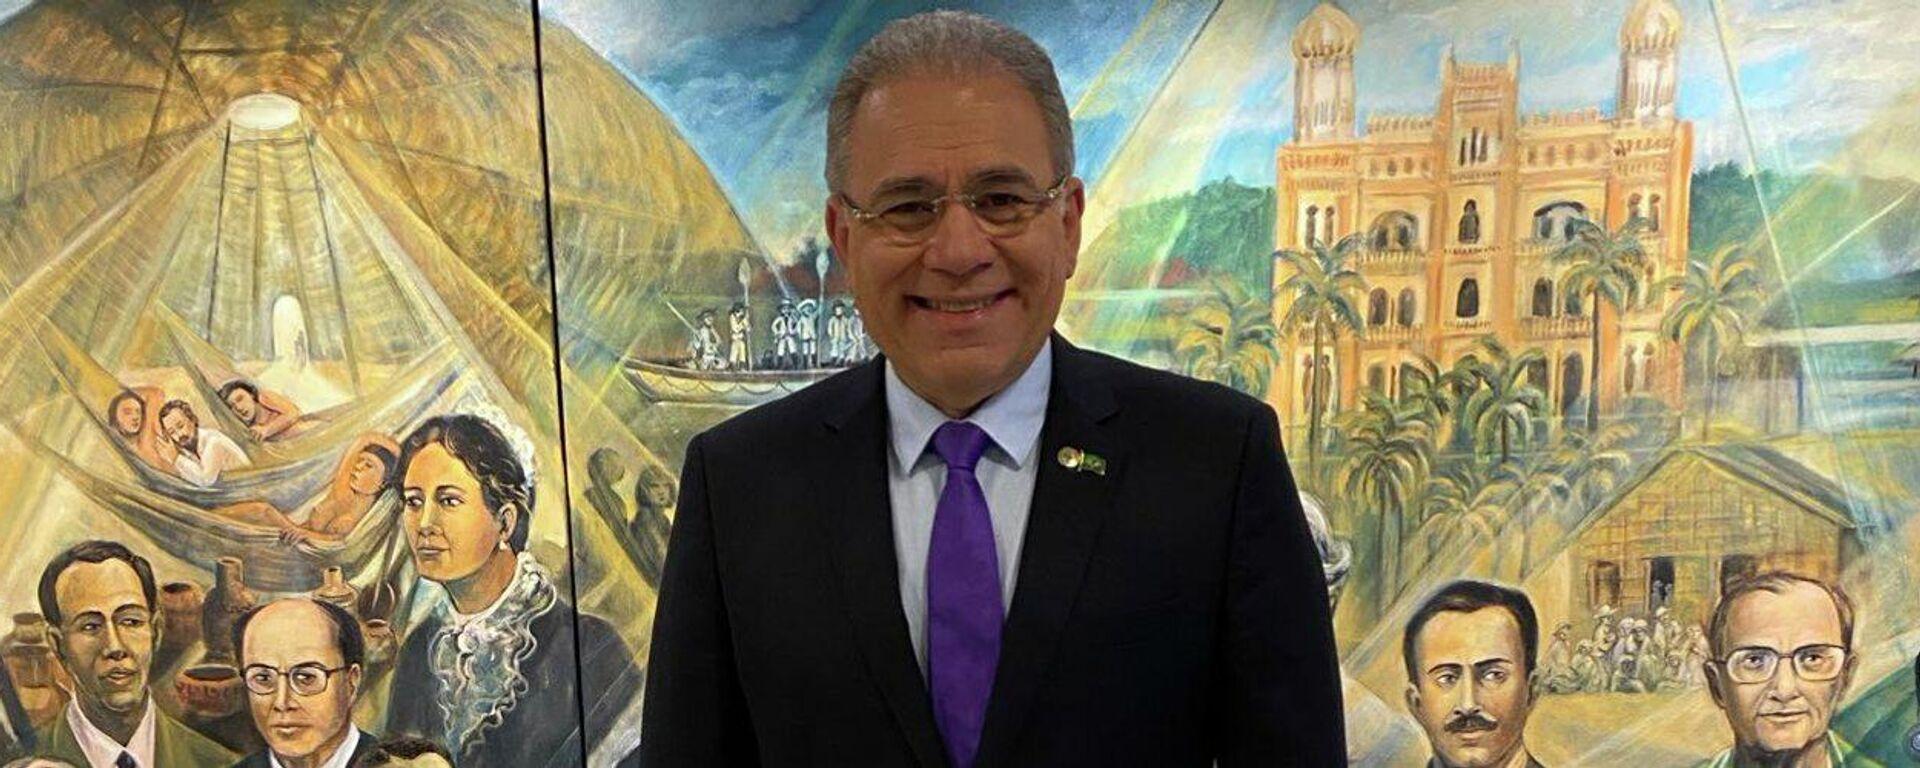 Marcelo Queiroga, ministro de Salud de Brasil - Sputnik Mundo, 1920, 22.09.2021